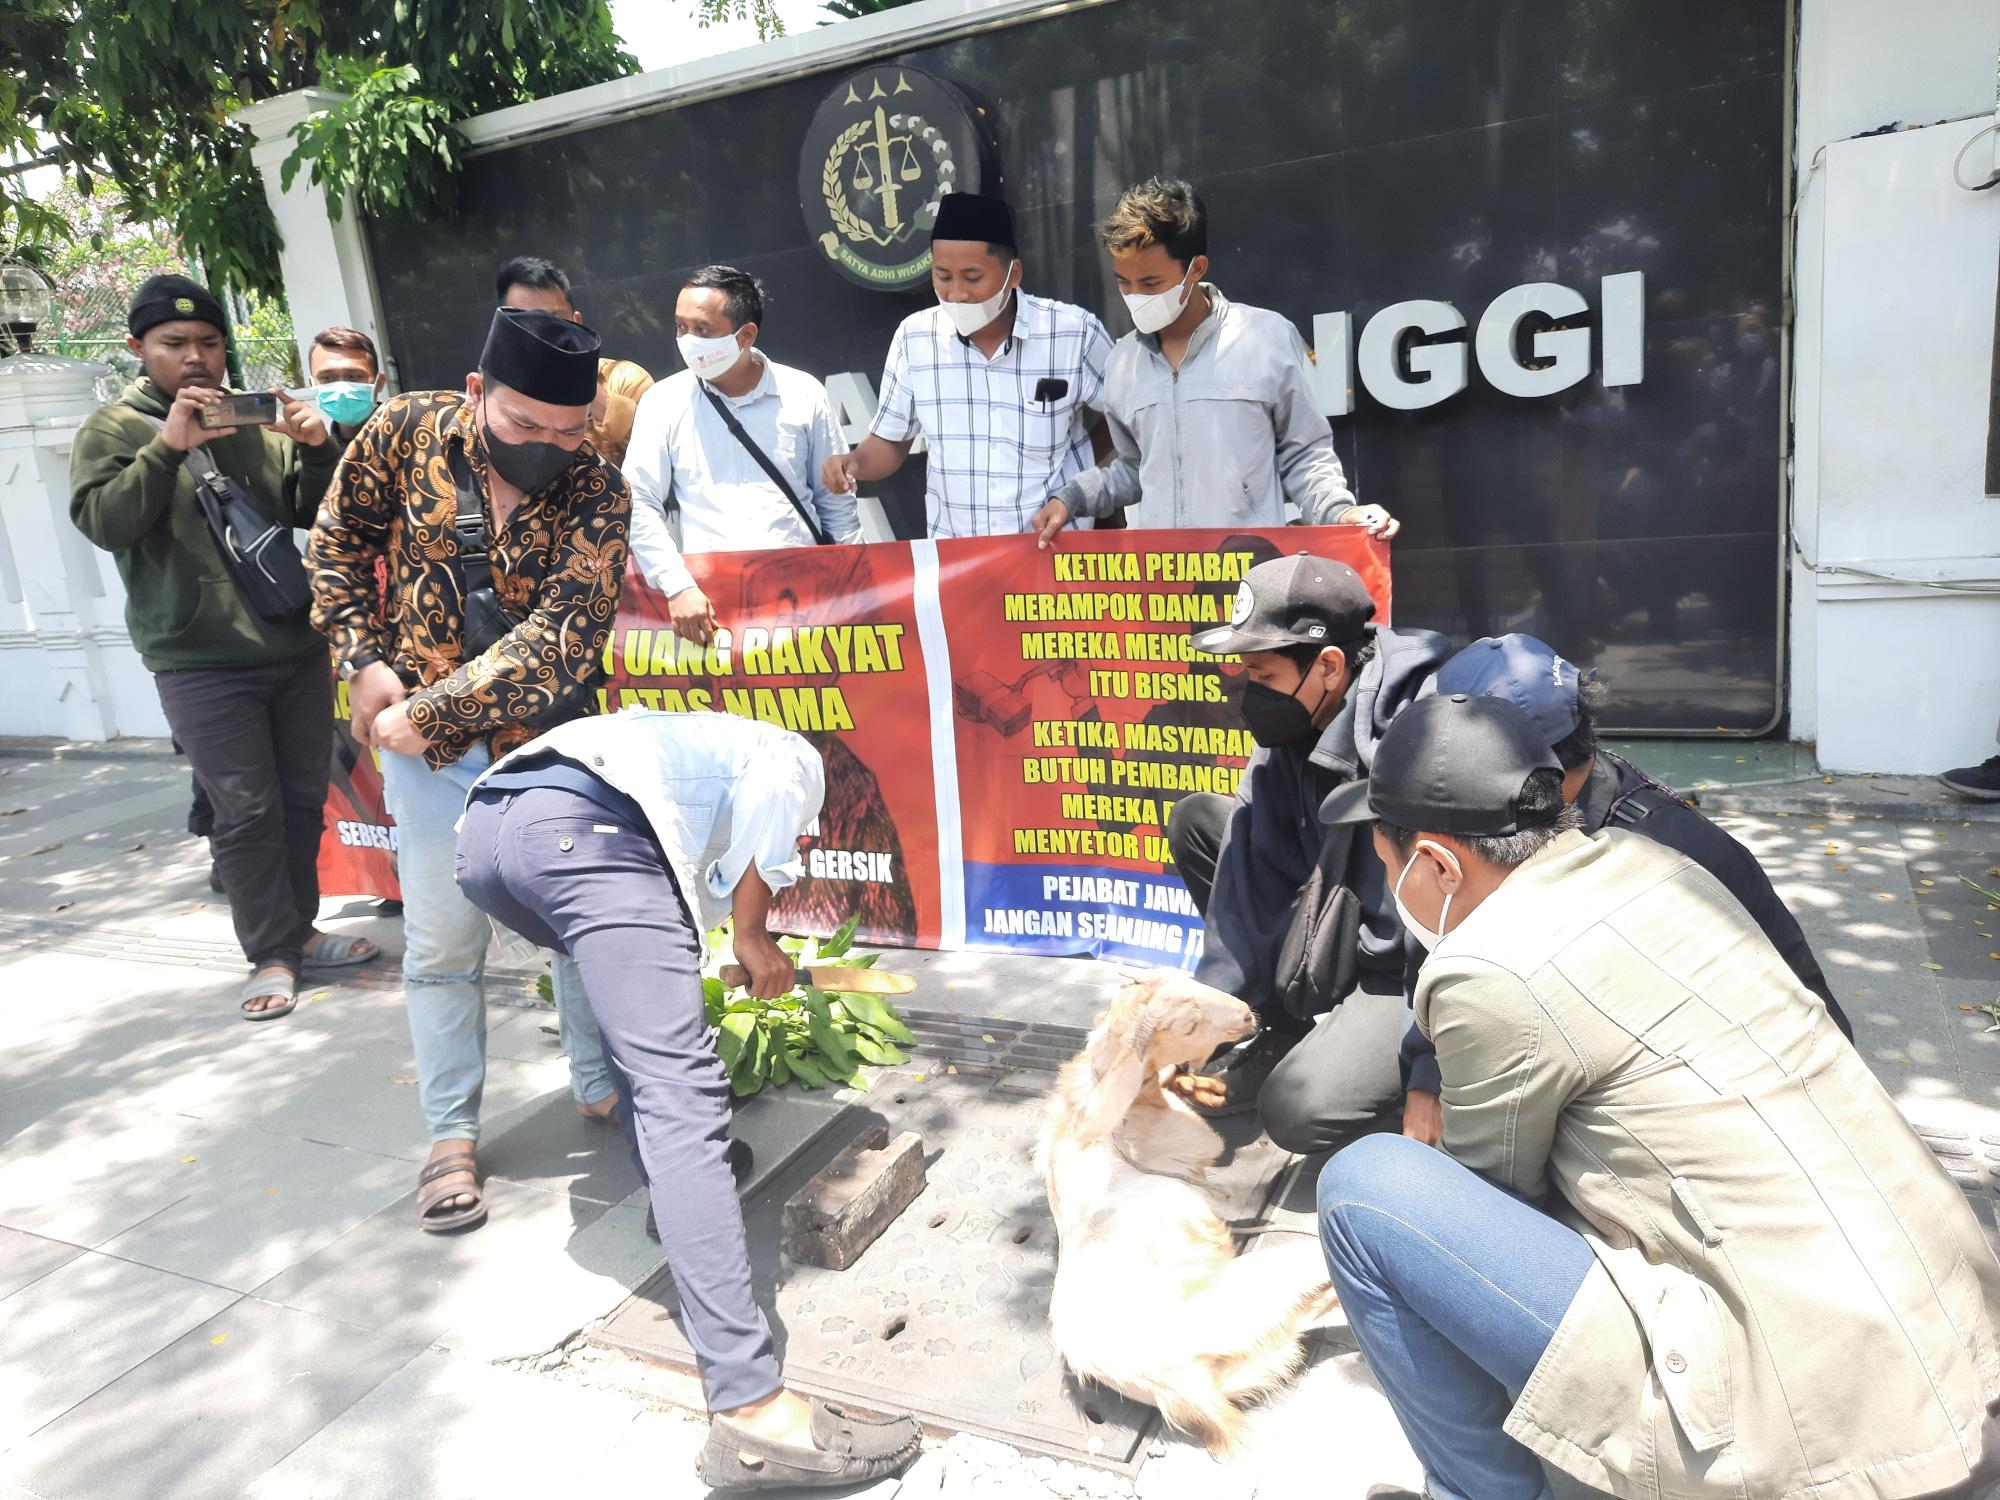 Dugaan Korupsi Dana Hibah dalam Pengadaan LPJU Sebesar Rp. 49 Miliar di Lamongan